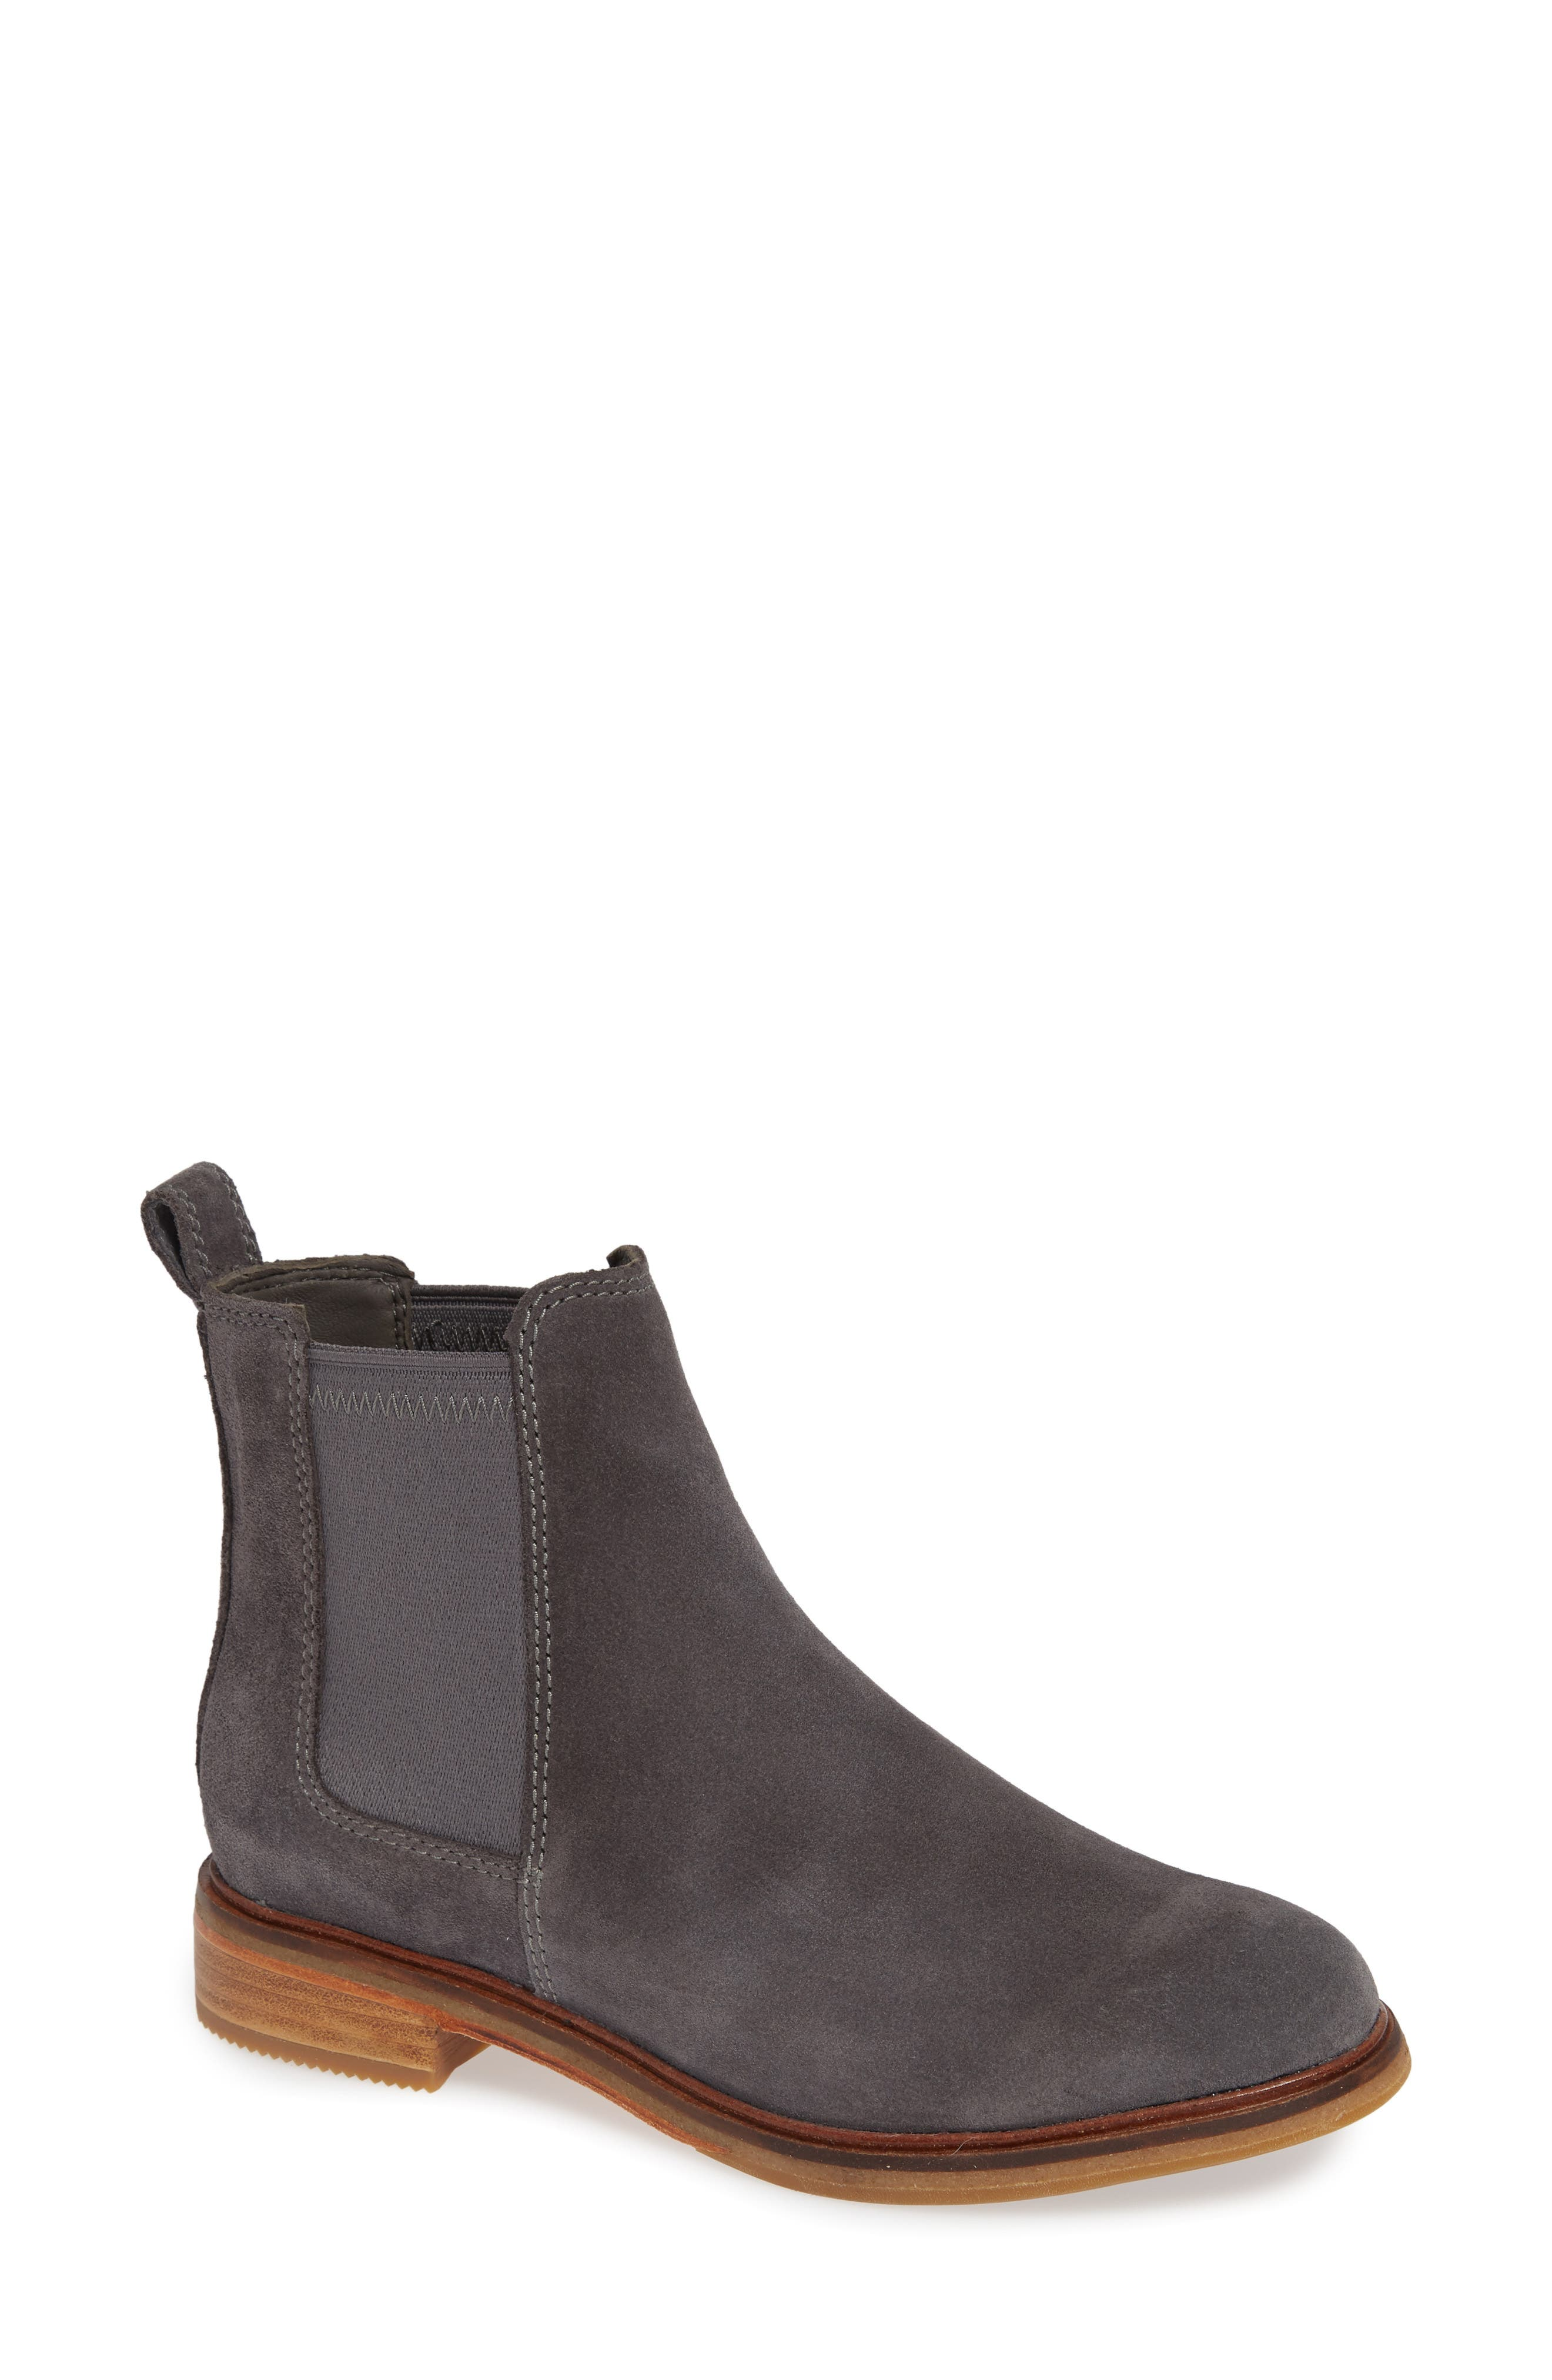 Clarkdale Arlo Boot,                         Main,                         color, GREY SUEDE